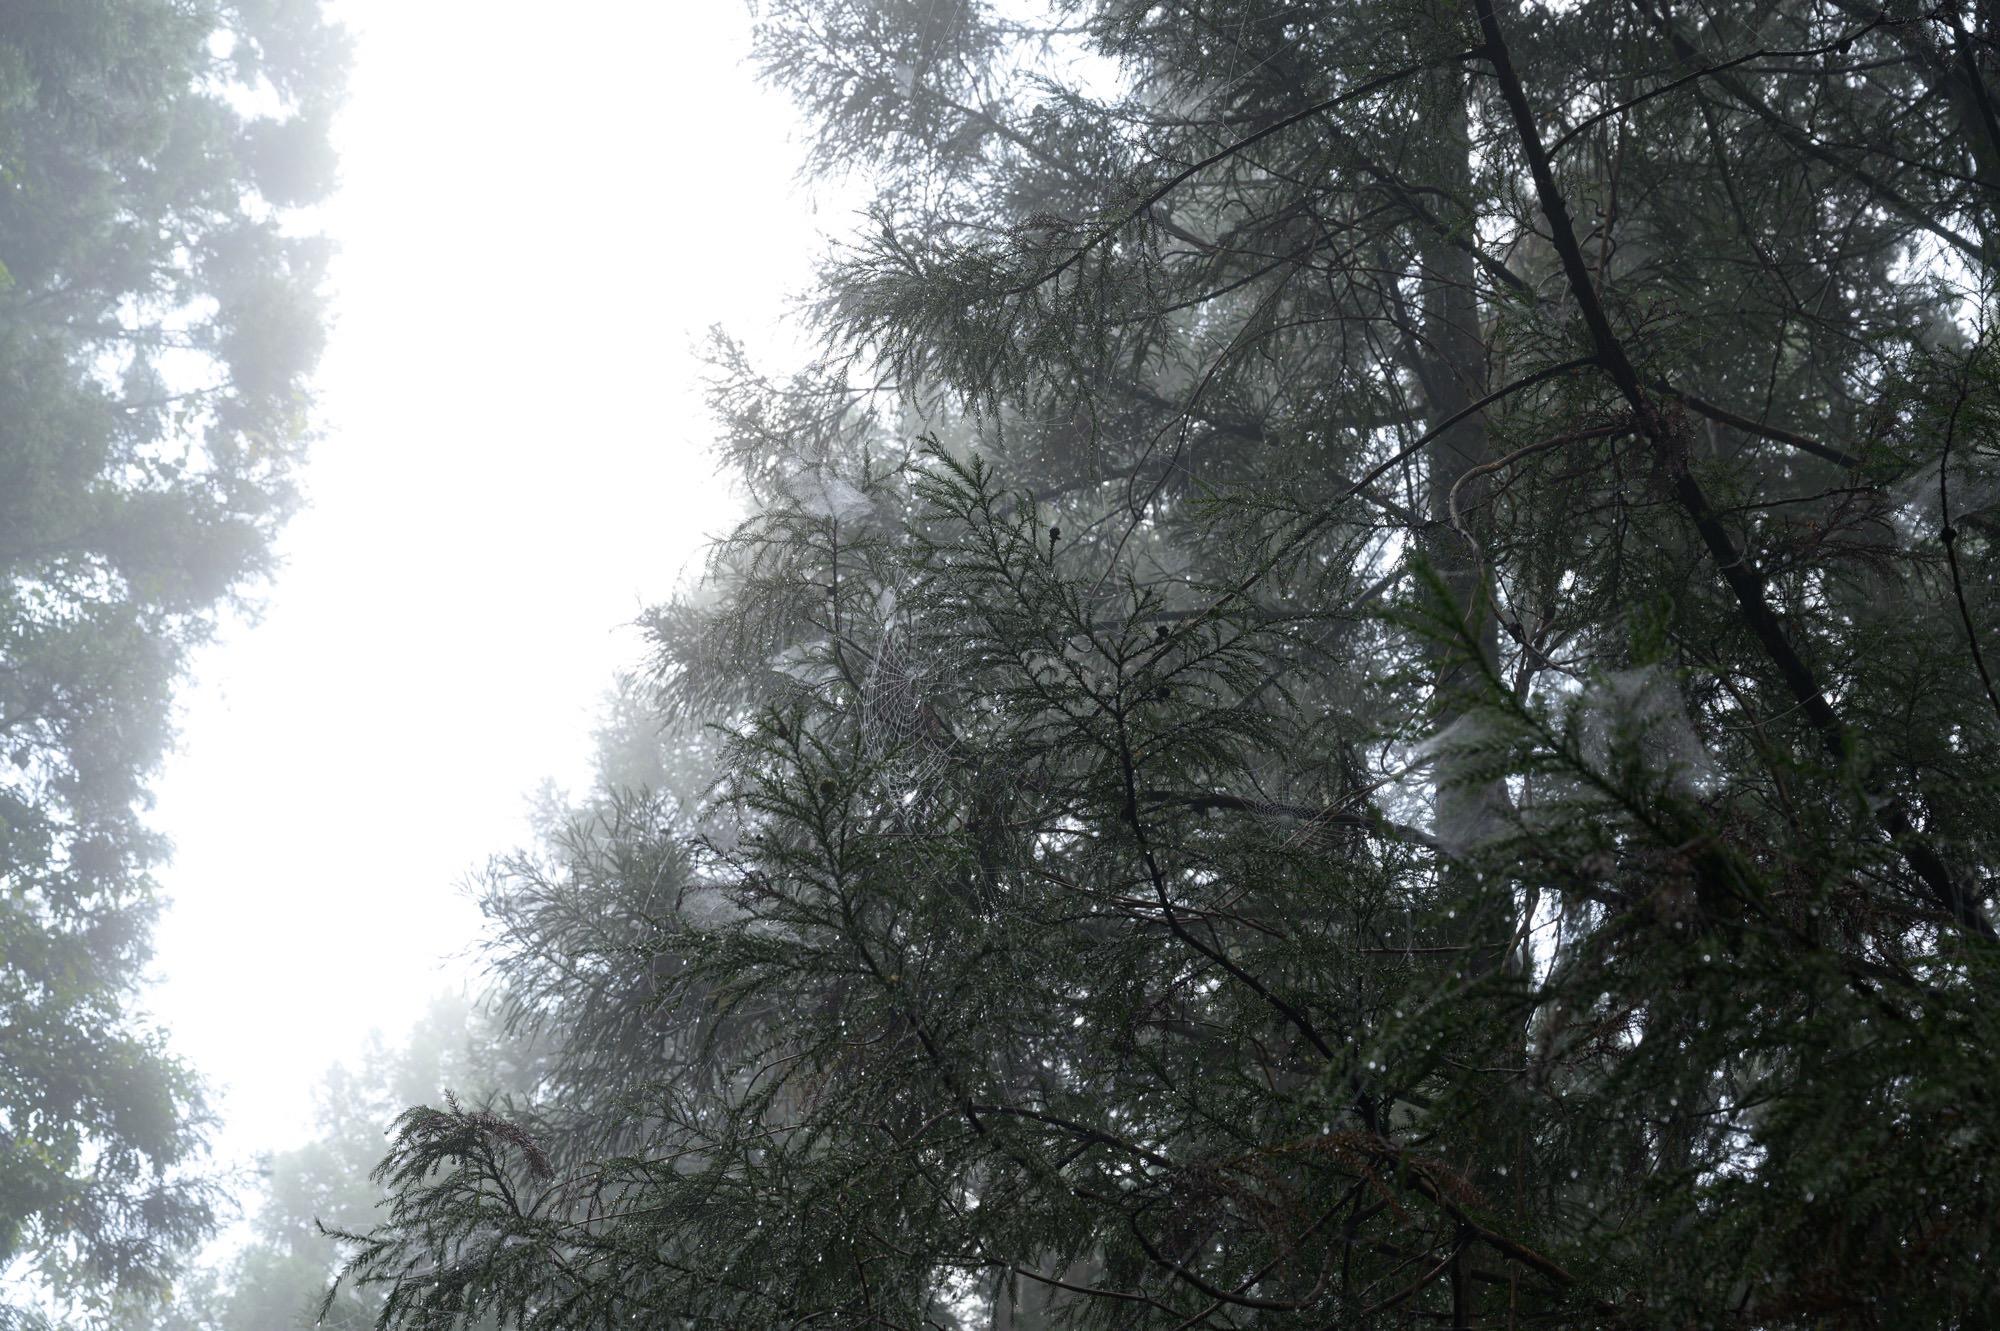 水滴と霧と蜘蛛の巣